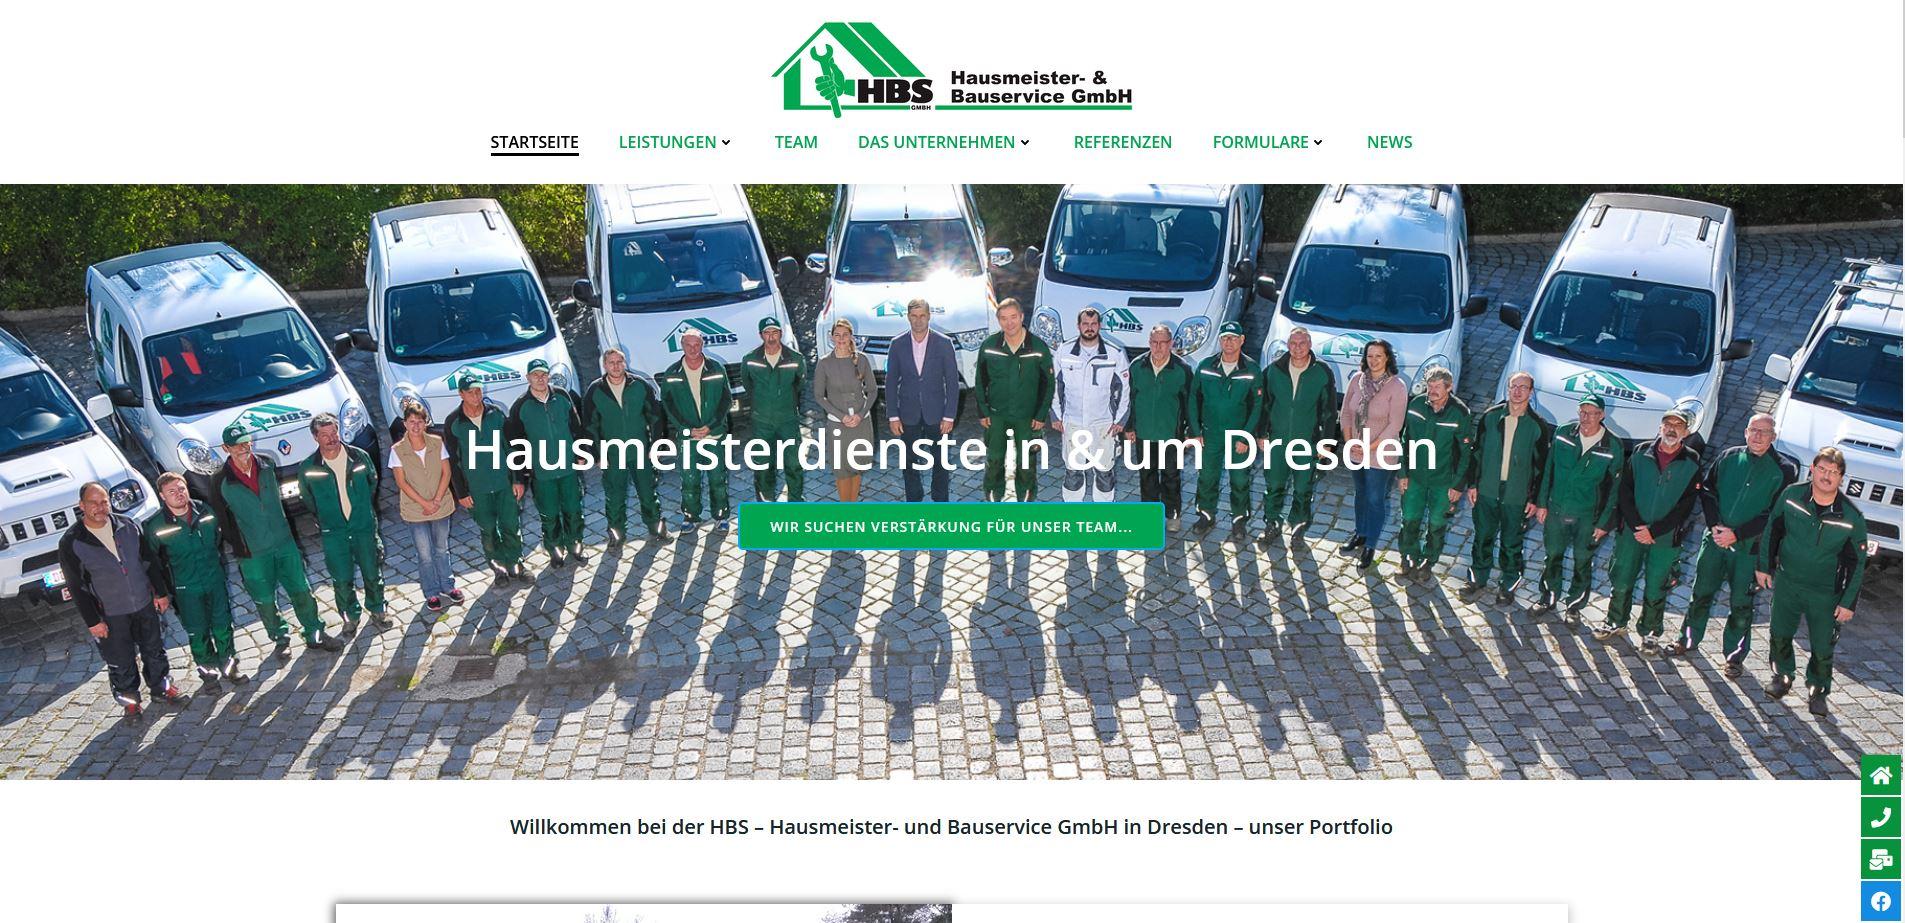 Die Homepage der HBS – Hausmeister- und Bauservice GmbH in Dresden ist nun auch neu!